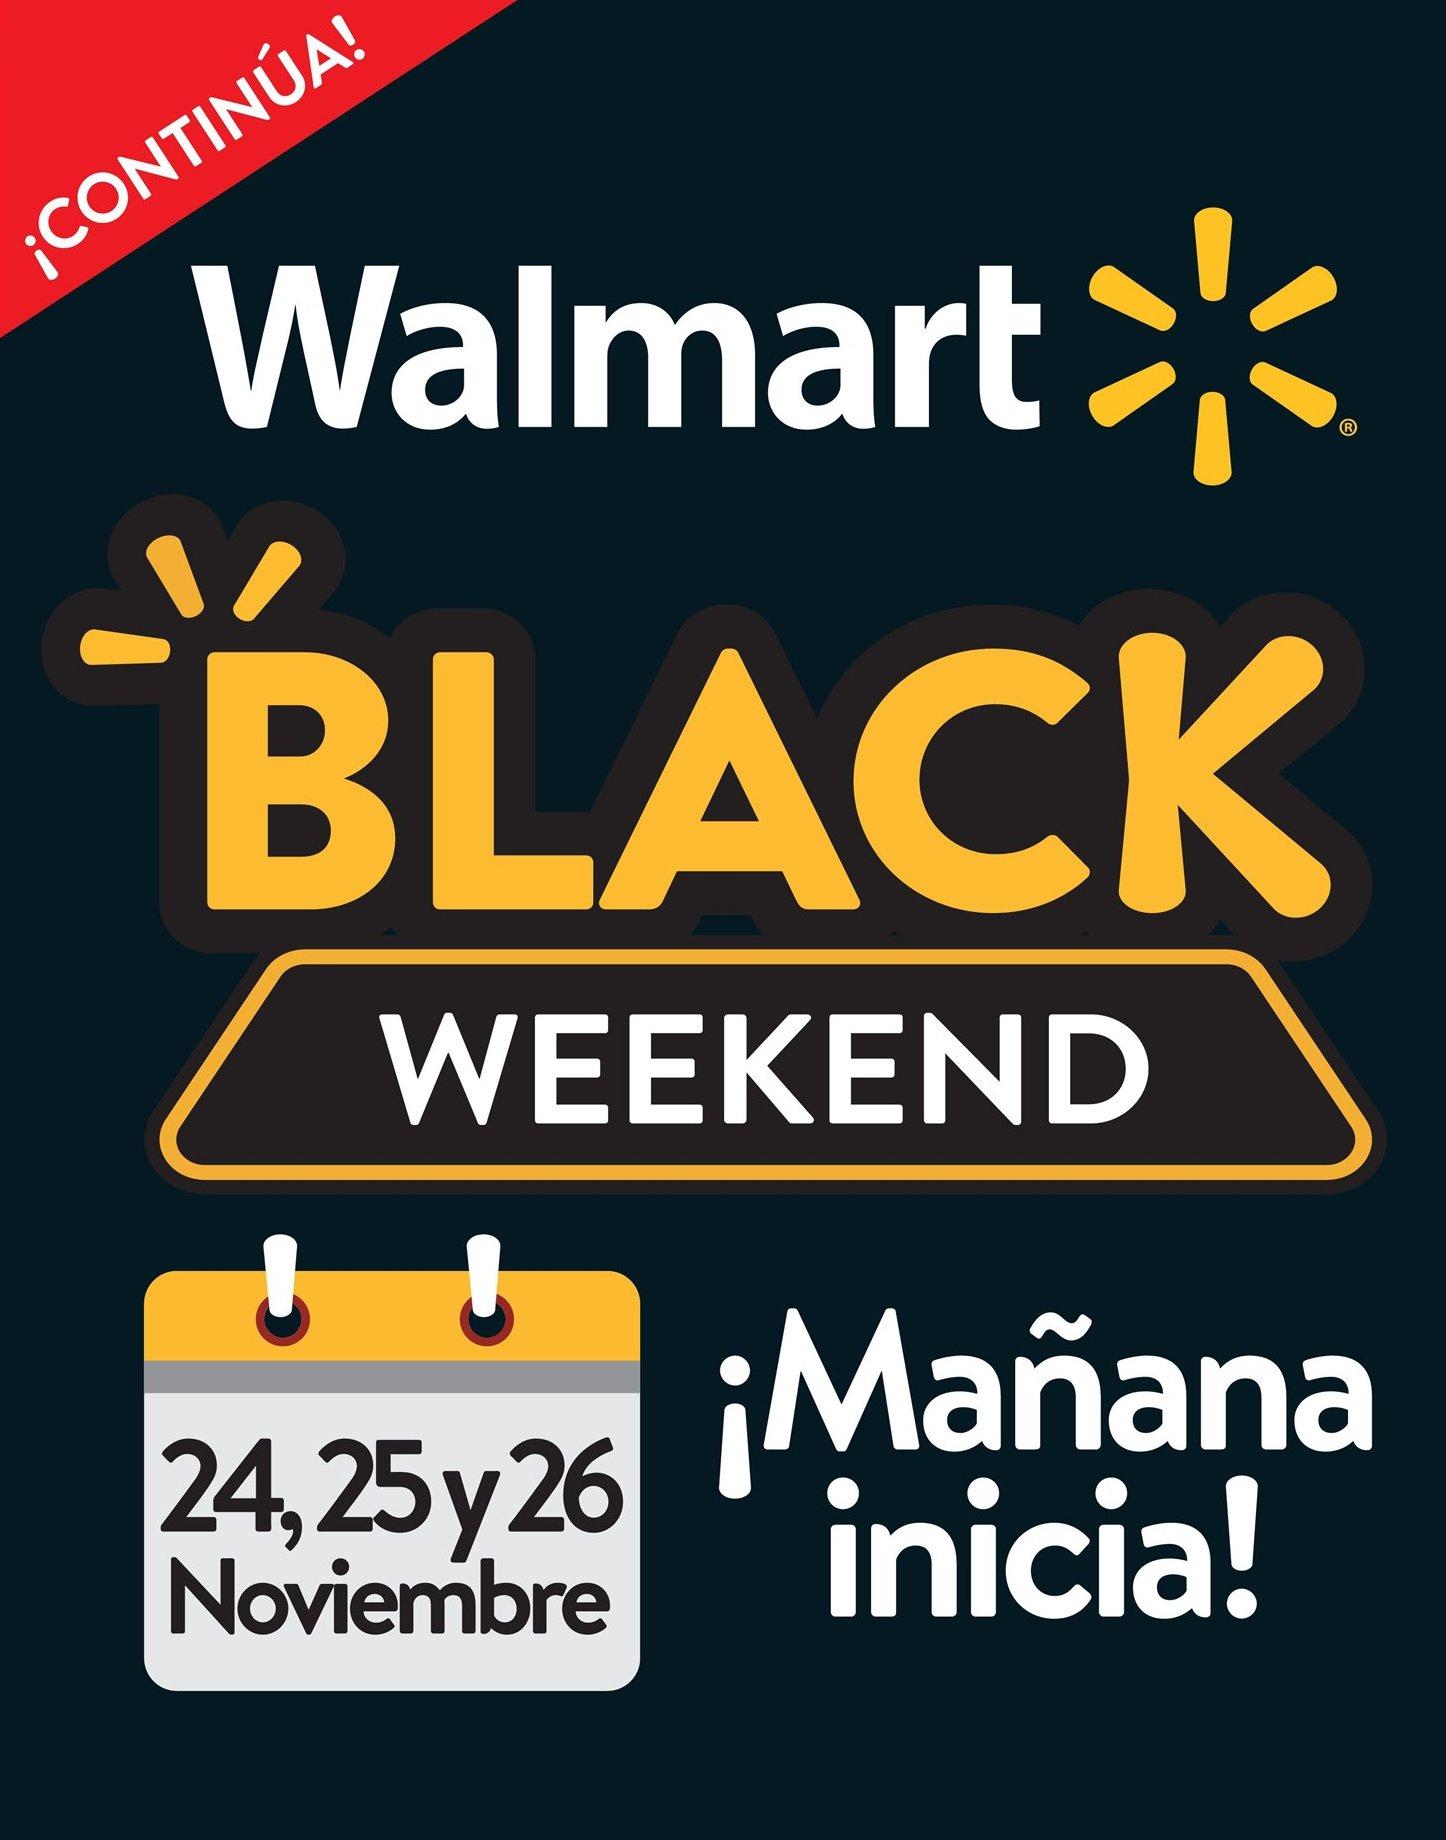 Continua el Black Friday 2017 en la cadena walmart del 25 al 26 de noviembre